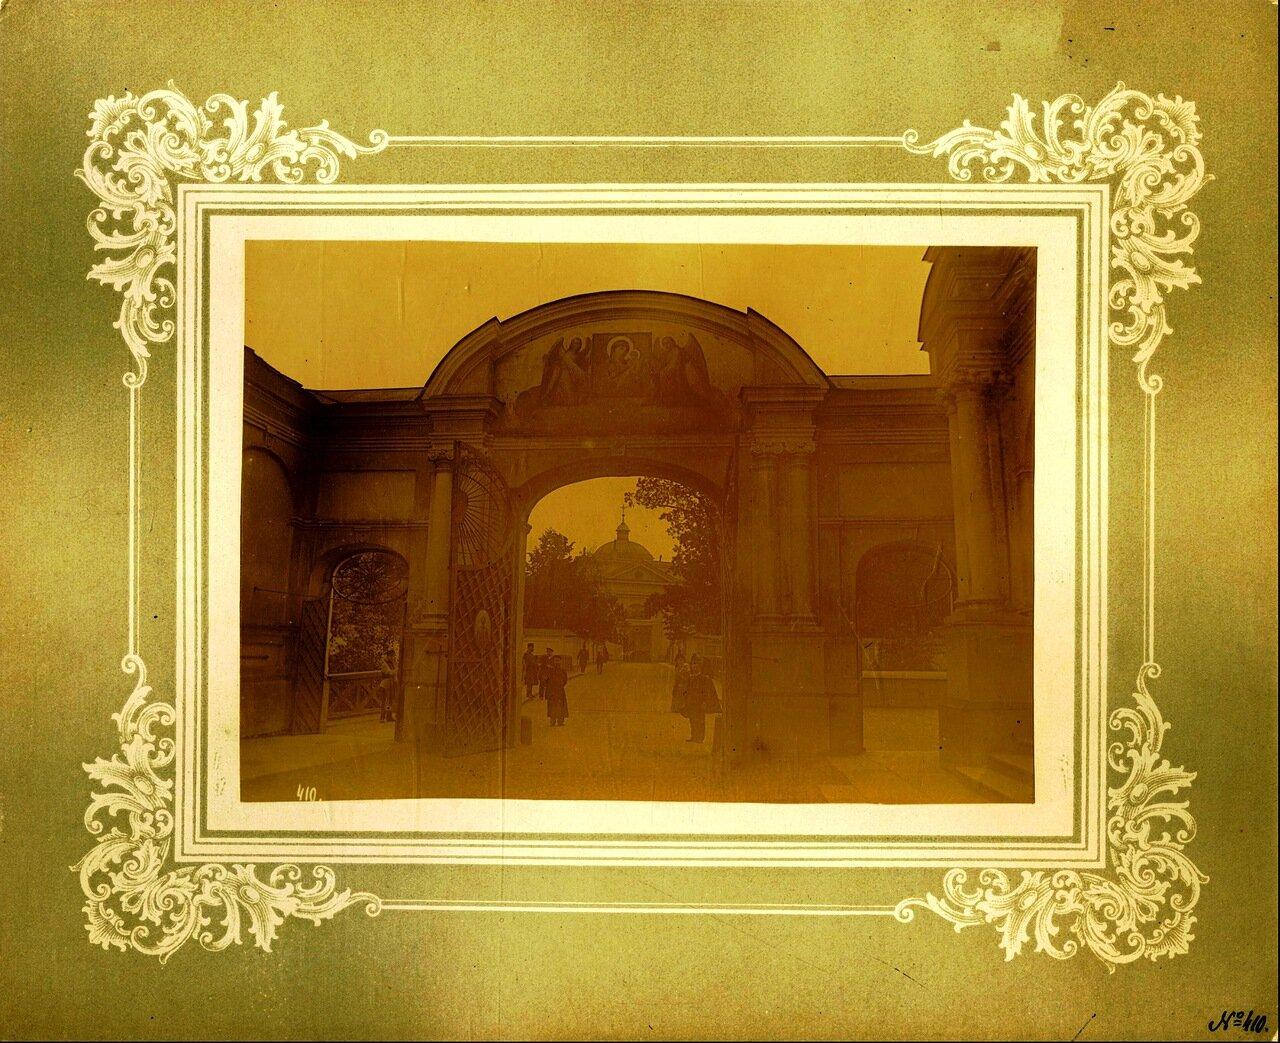 Въездные ворота (со стороны Лаврского двора), а вдали Святые врата. 1894